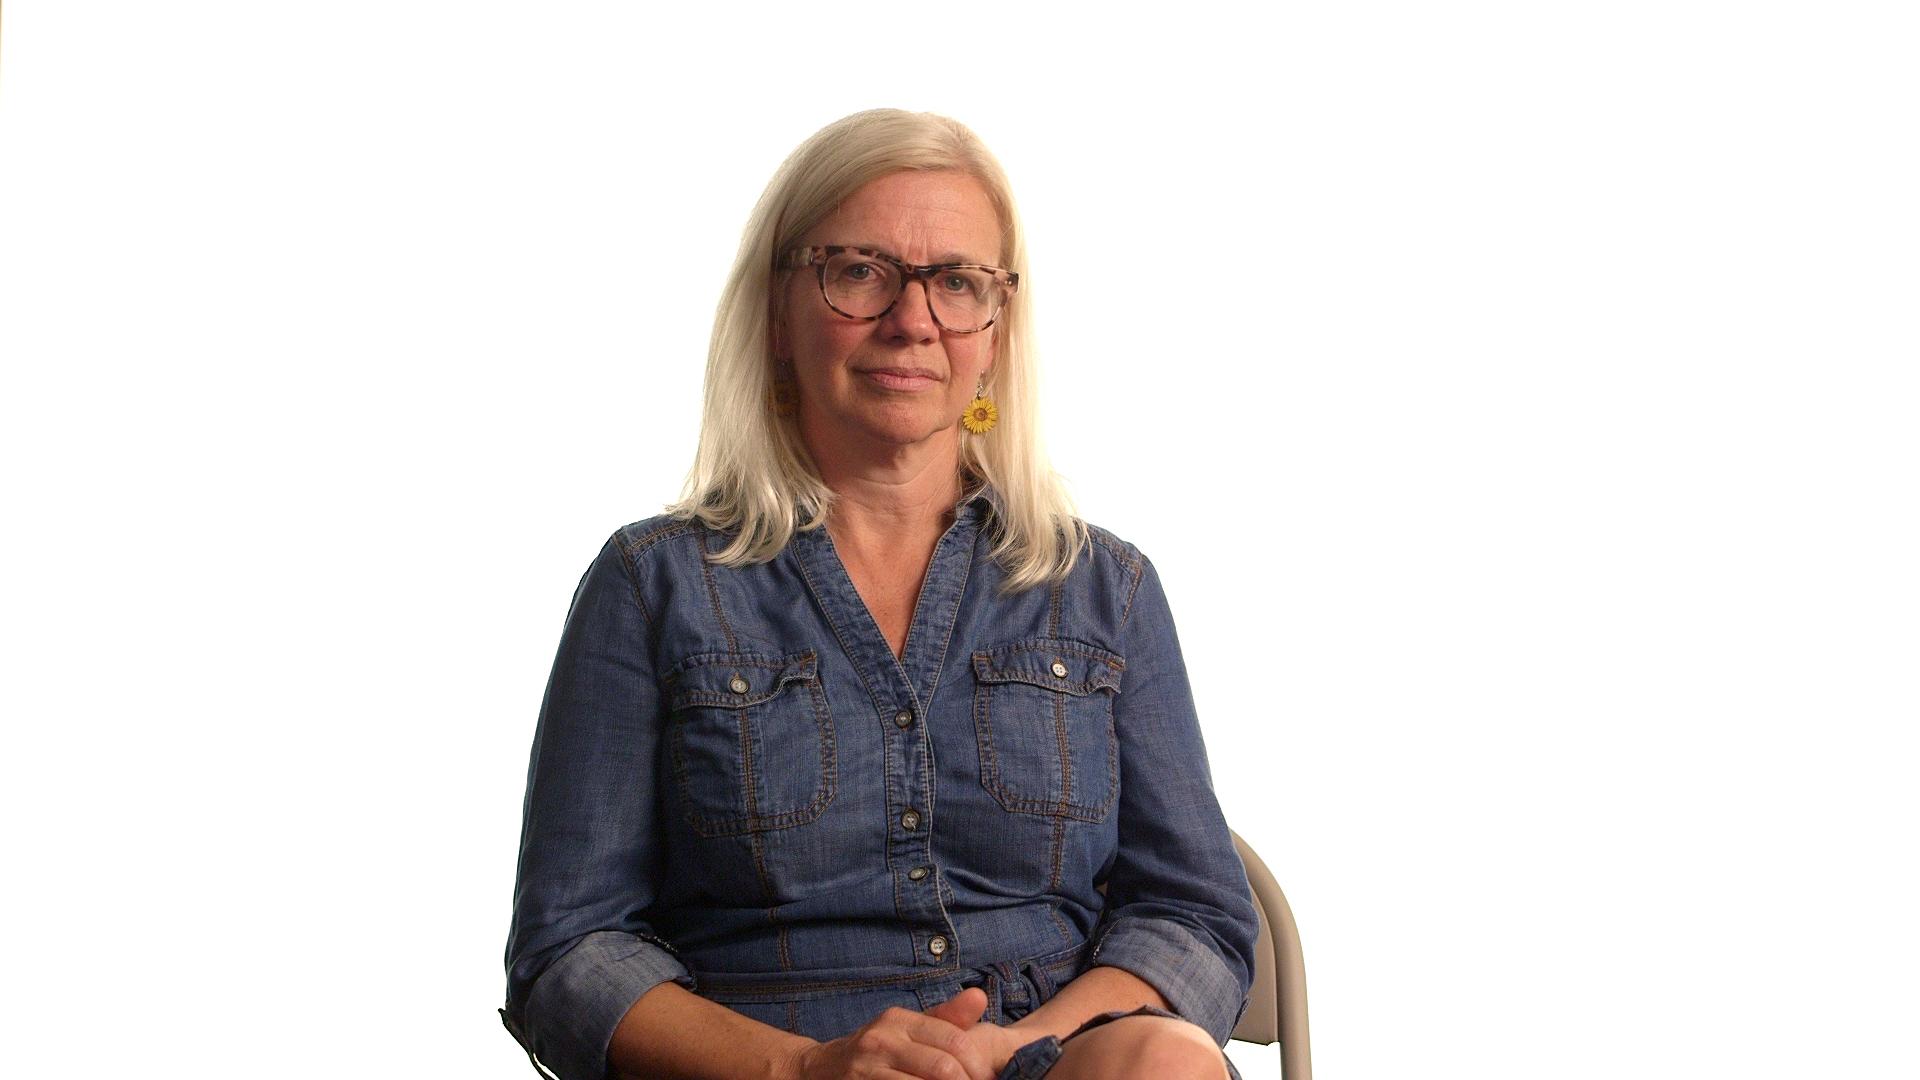 Sheila Wood